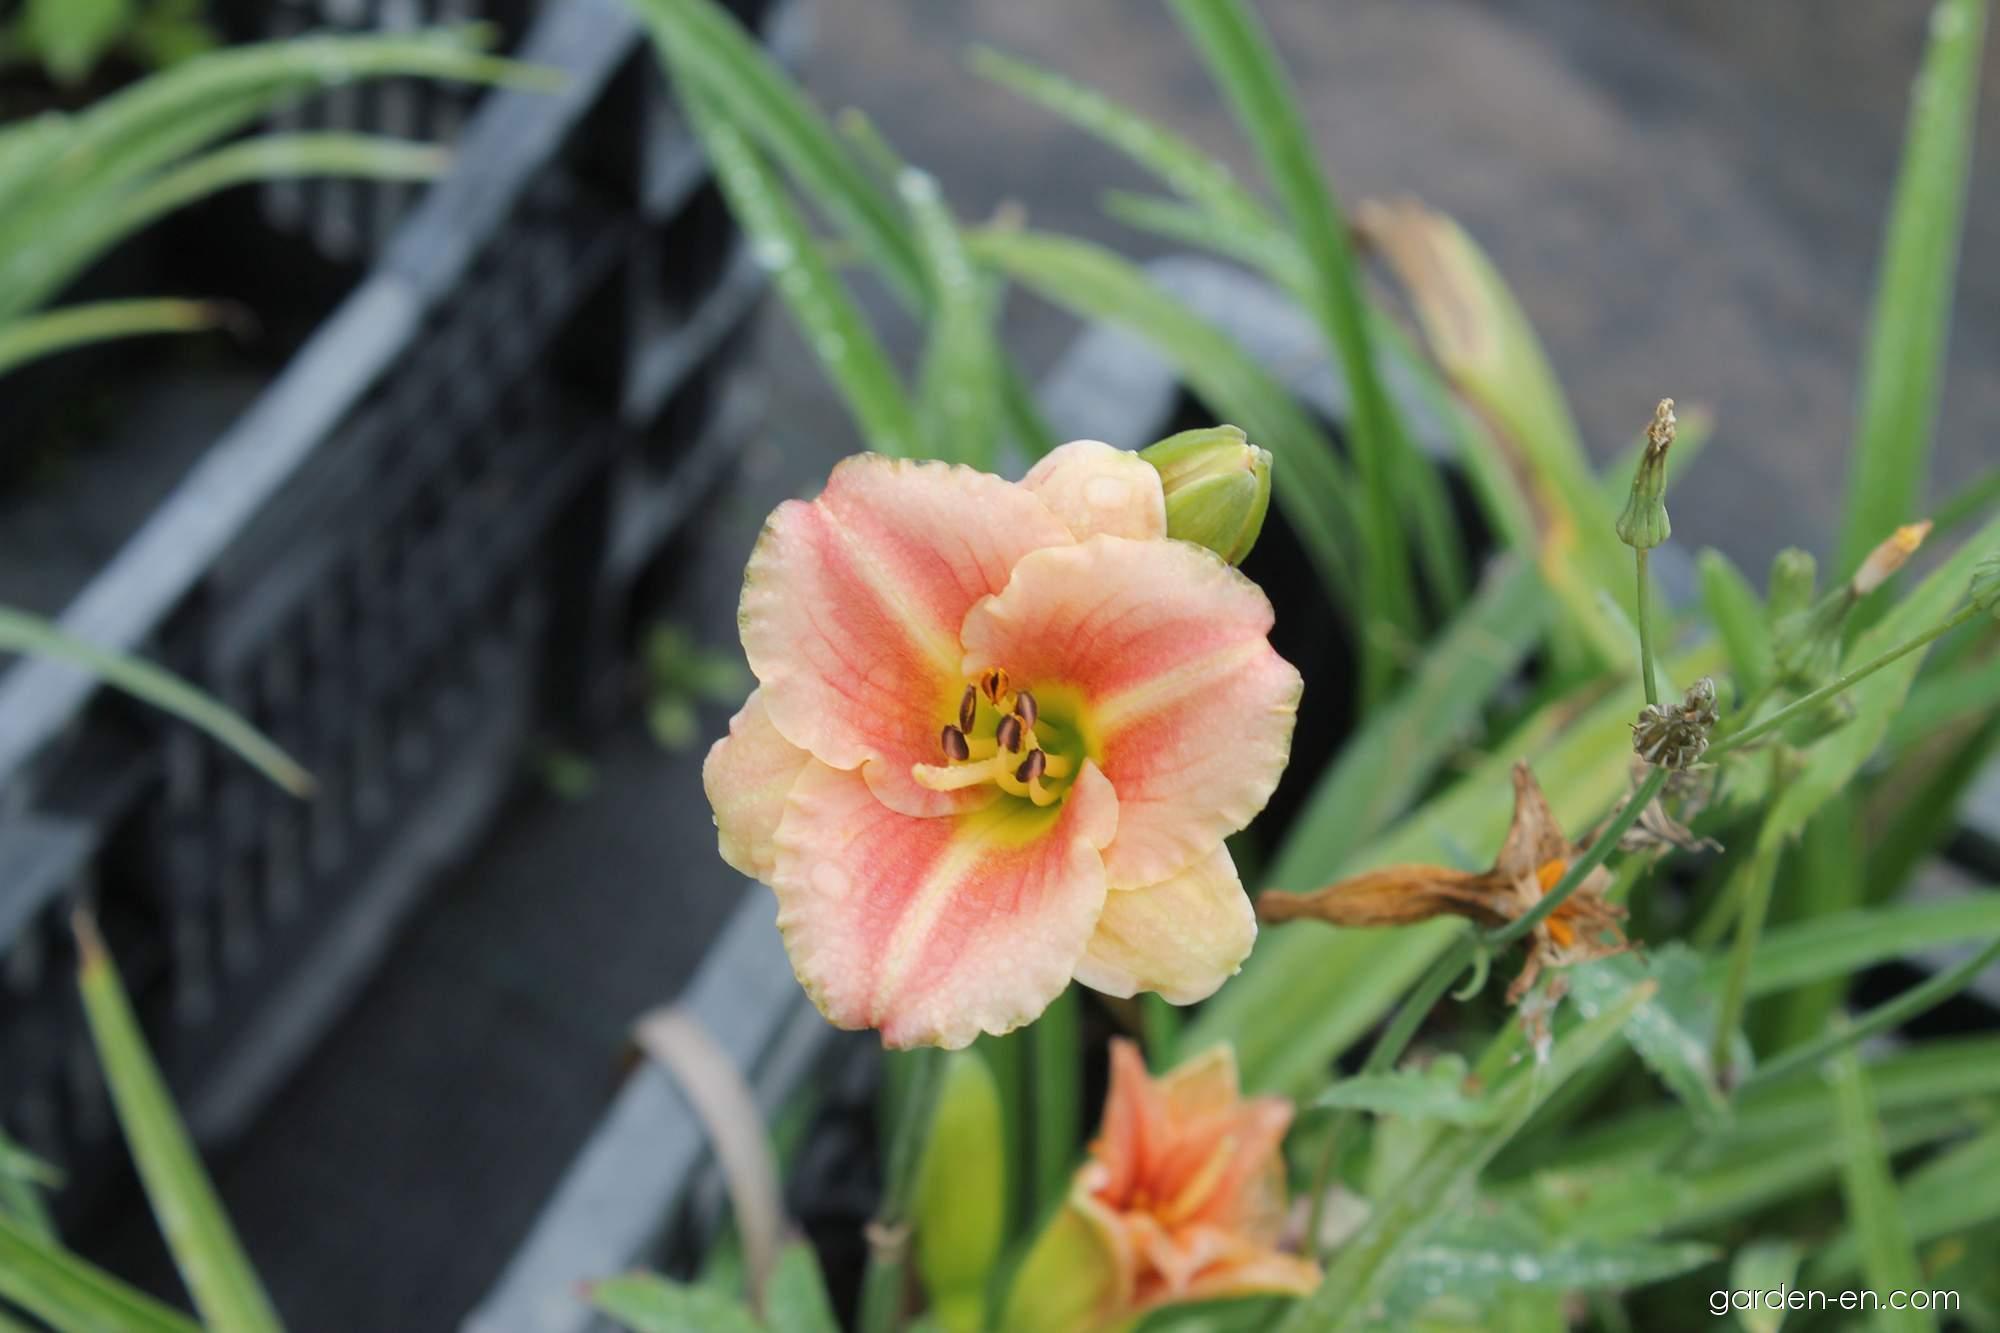 Daylily - Hemerocallis Little Anna Rosa